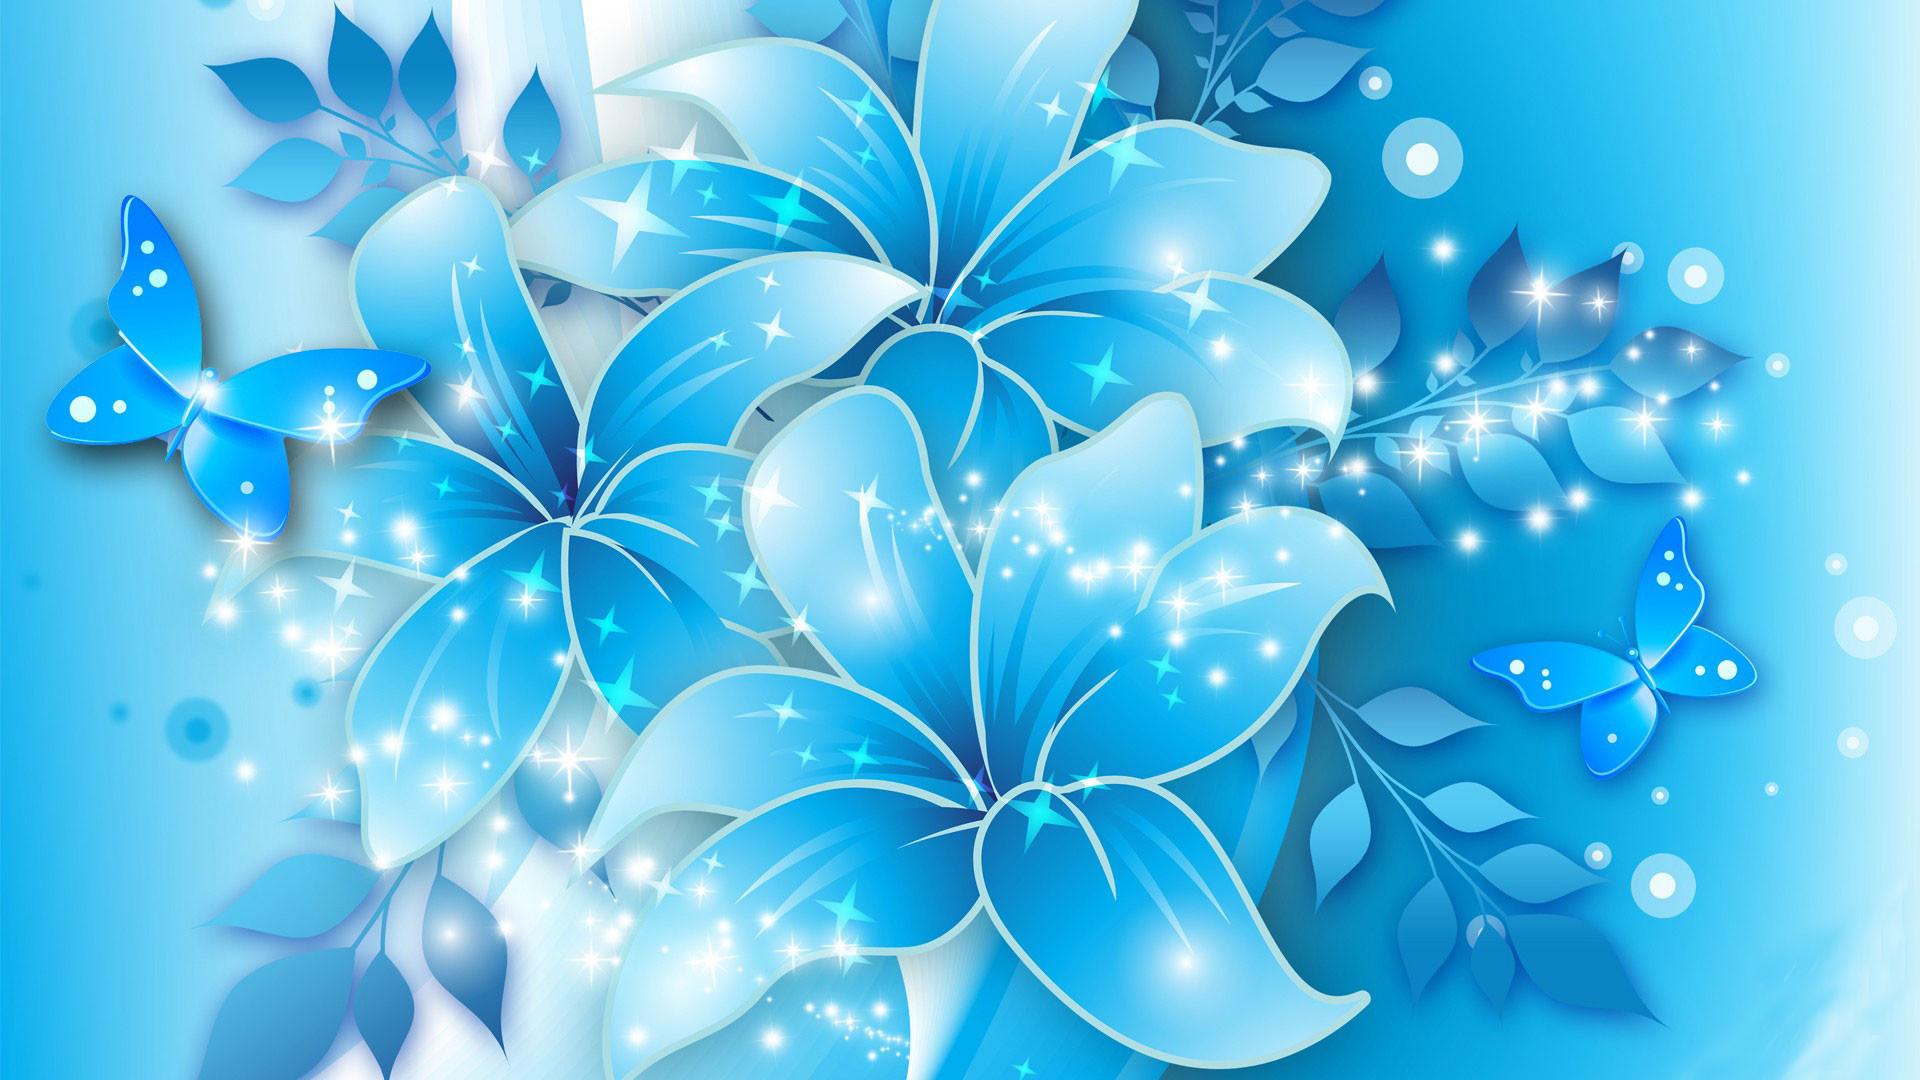 hd pics photos best beautiful 3d art blue flowers nice hd quality desktop  background wallpaper